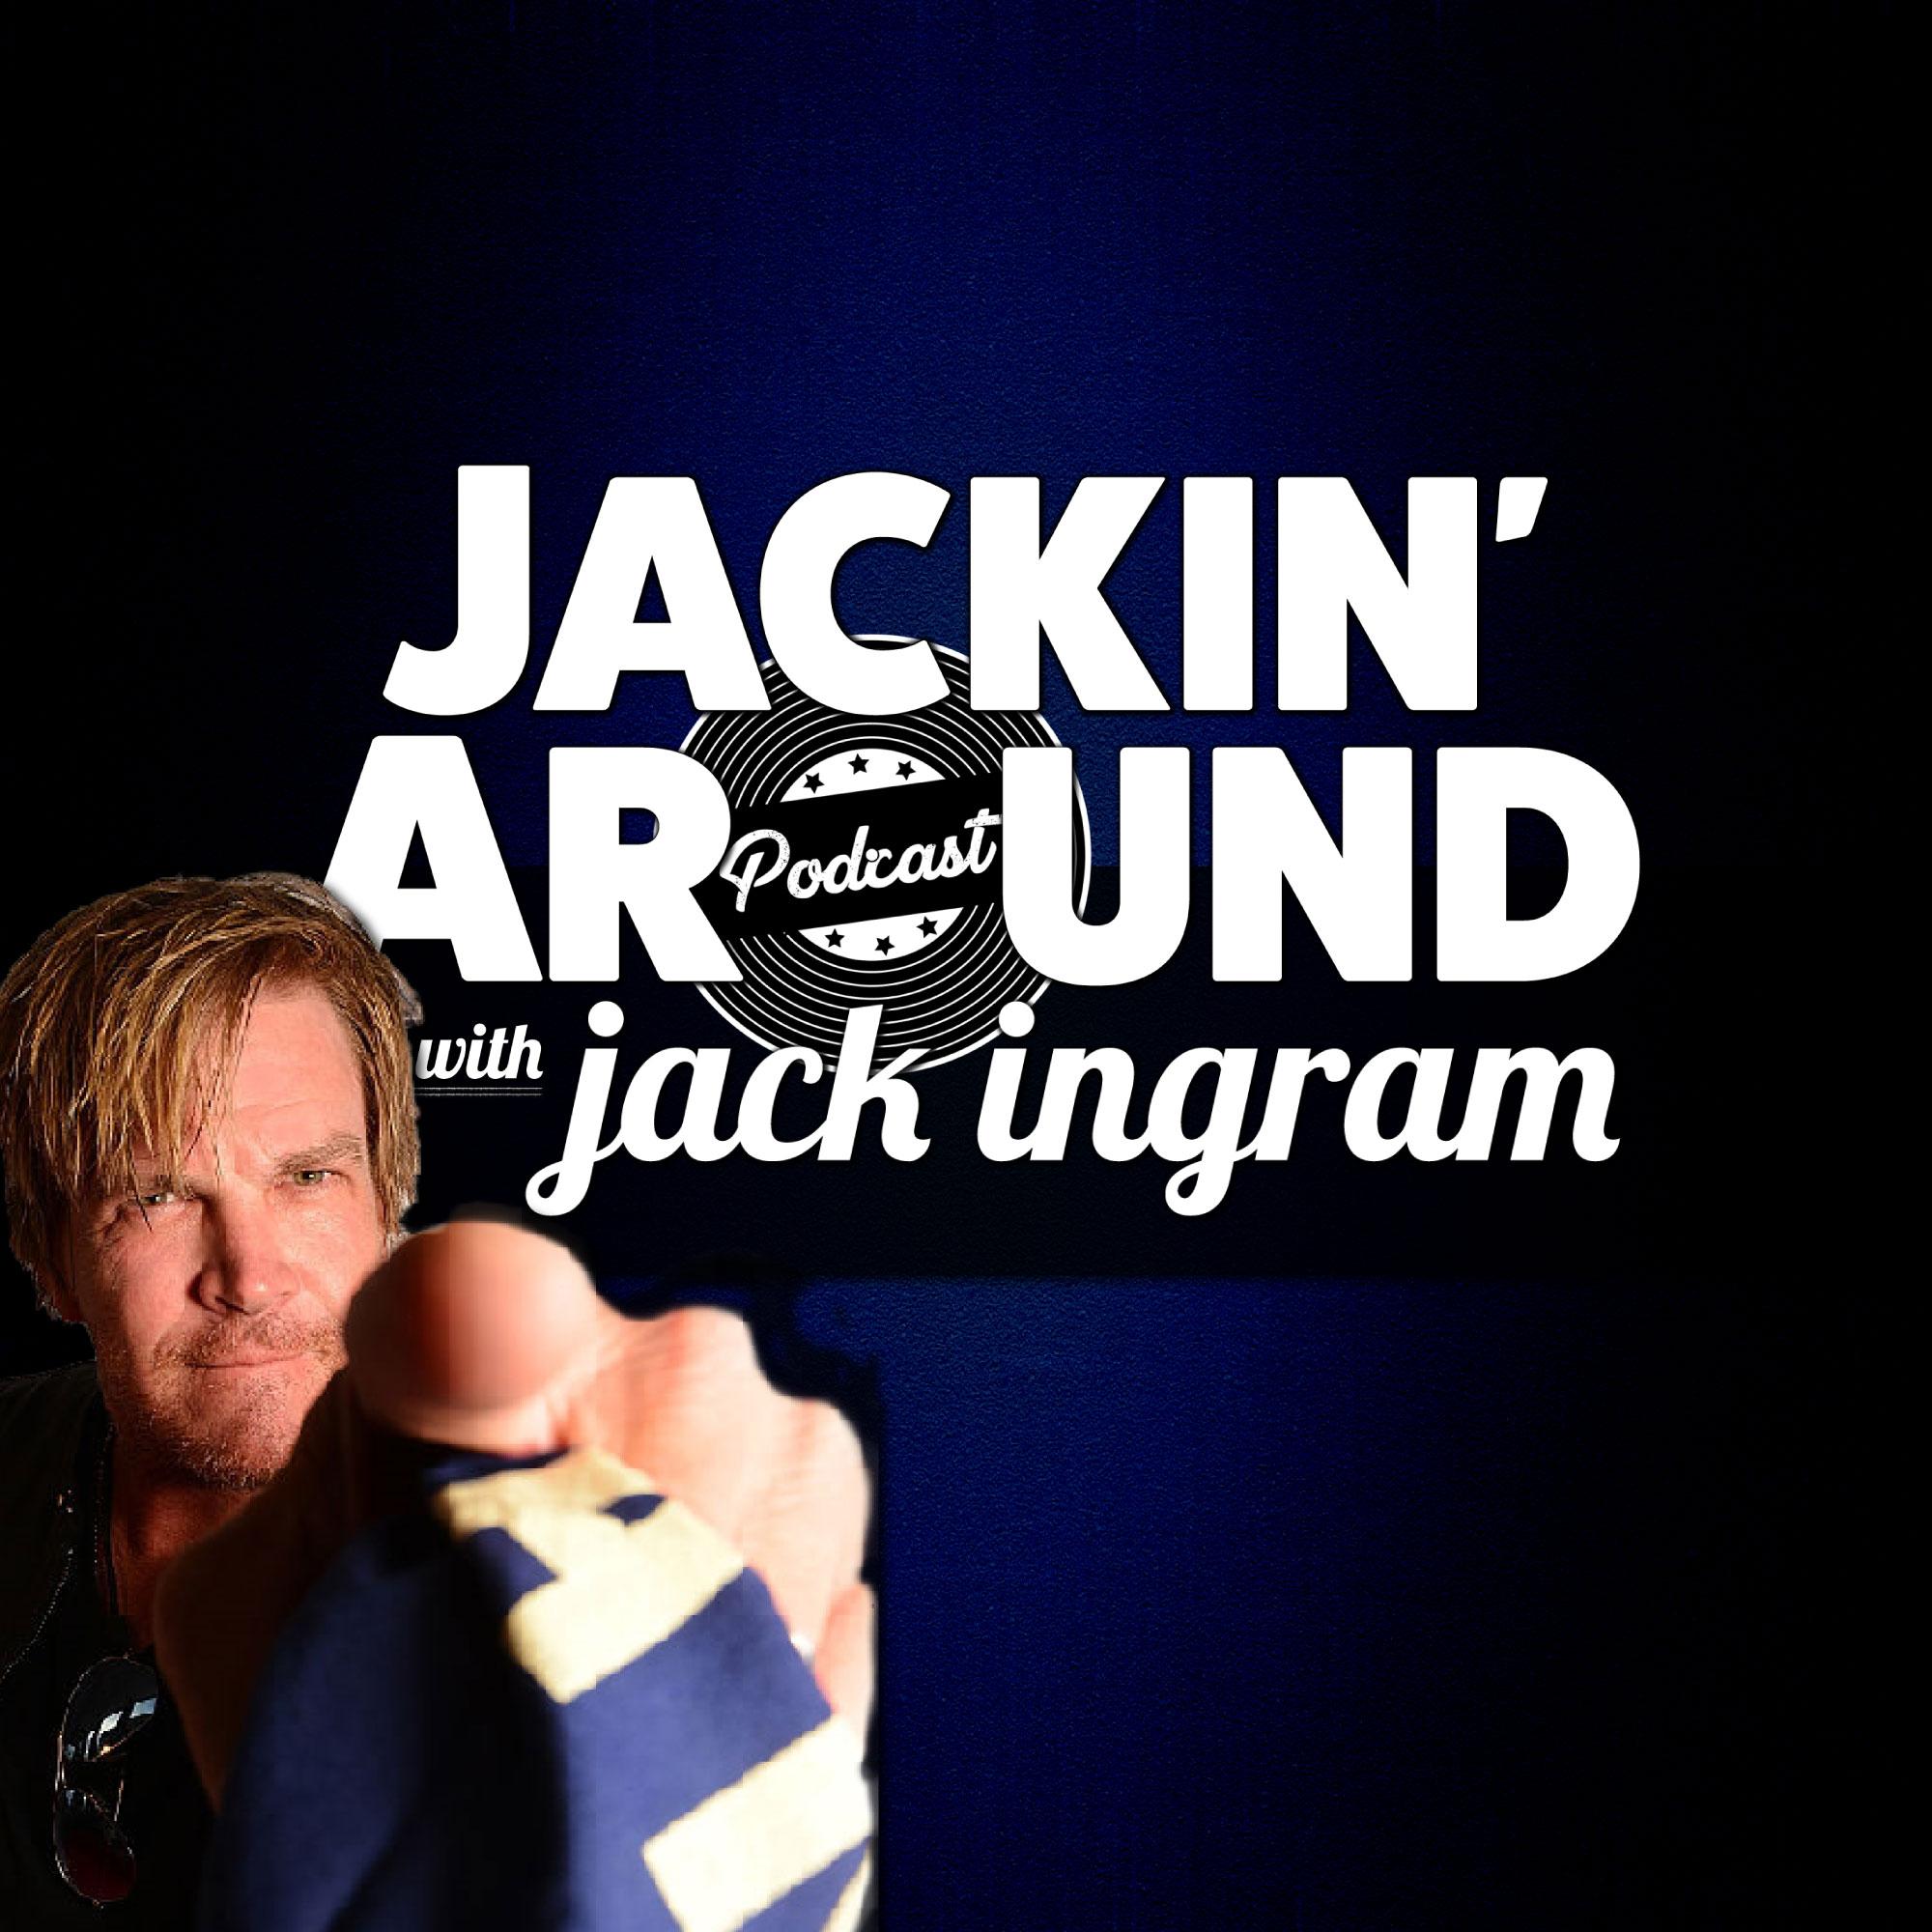 Jackin' Around PODCAST